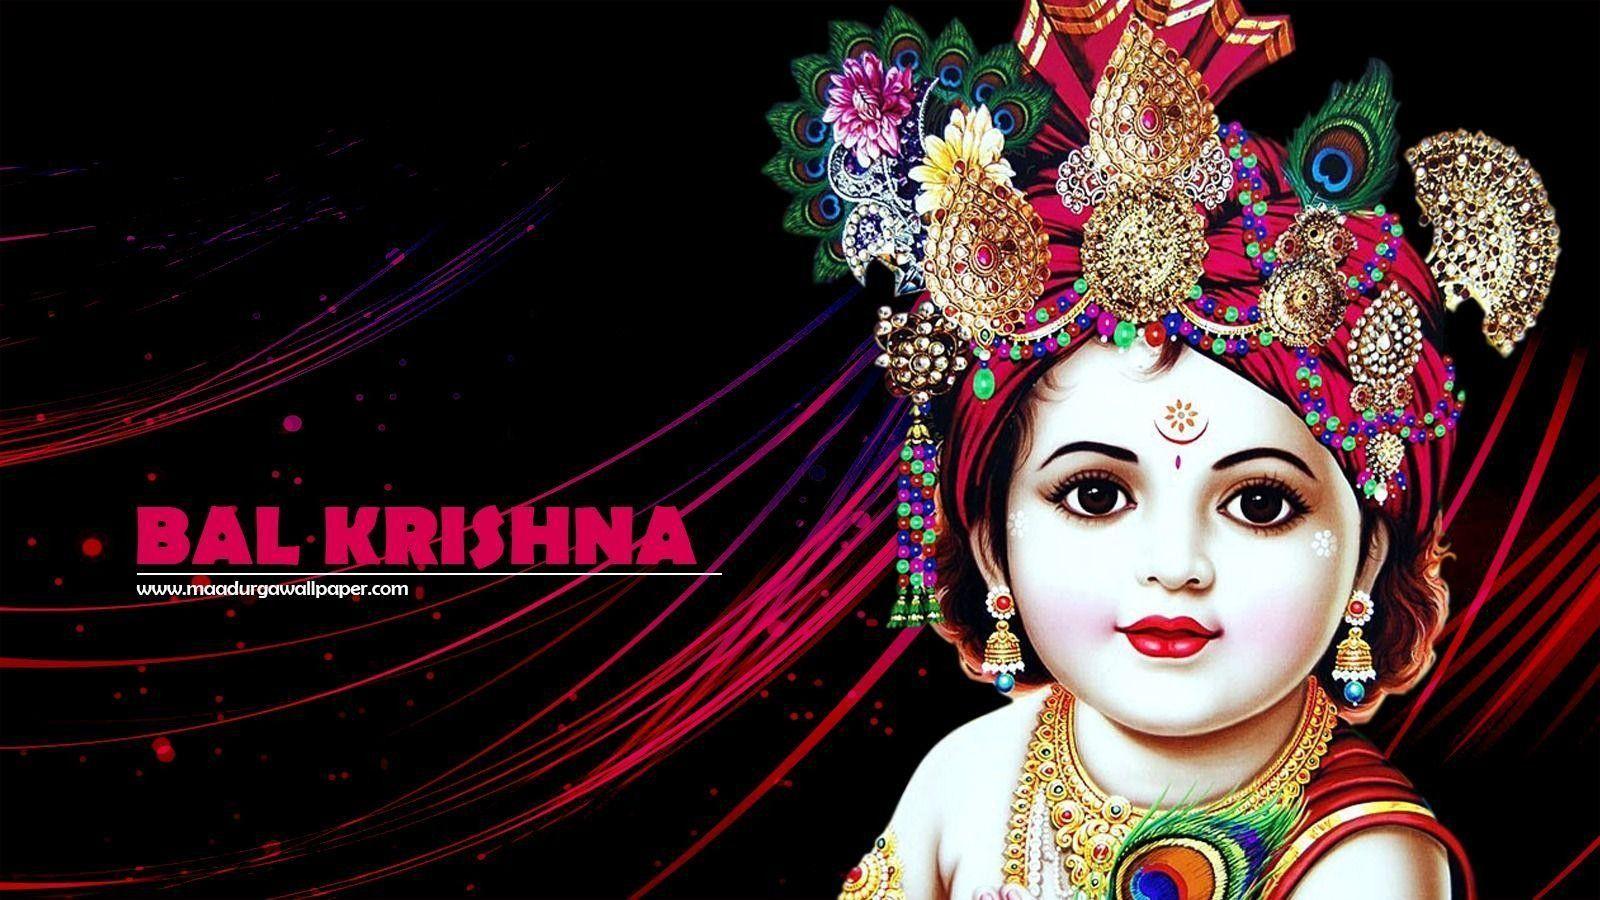 Pin By Tania Sharma Sonar On Om Shri Krishna Krishna Wallpaper Cute Images Hd Bal Krishna